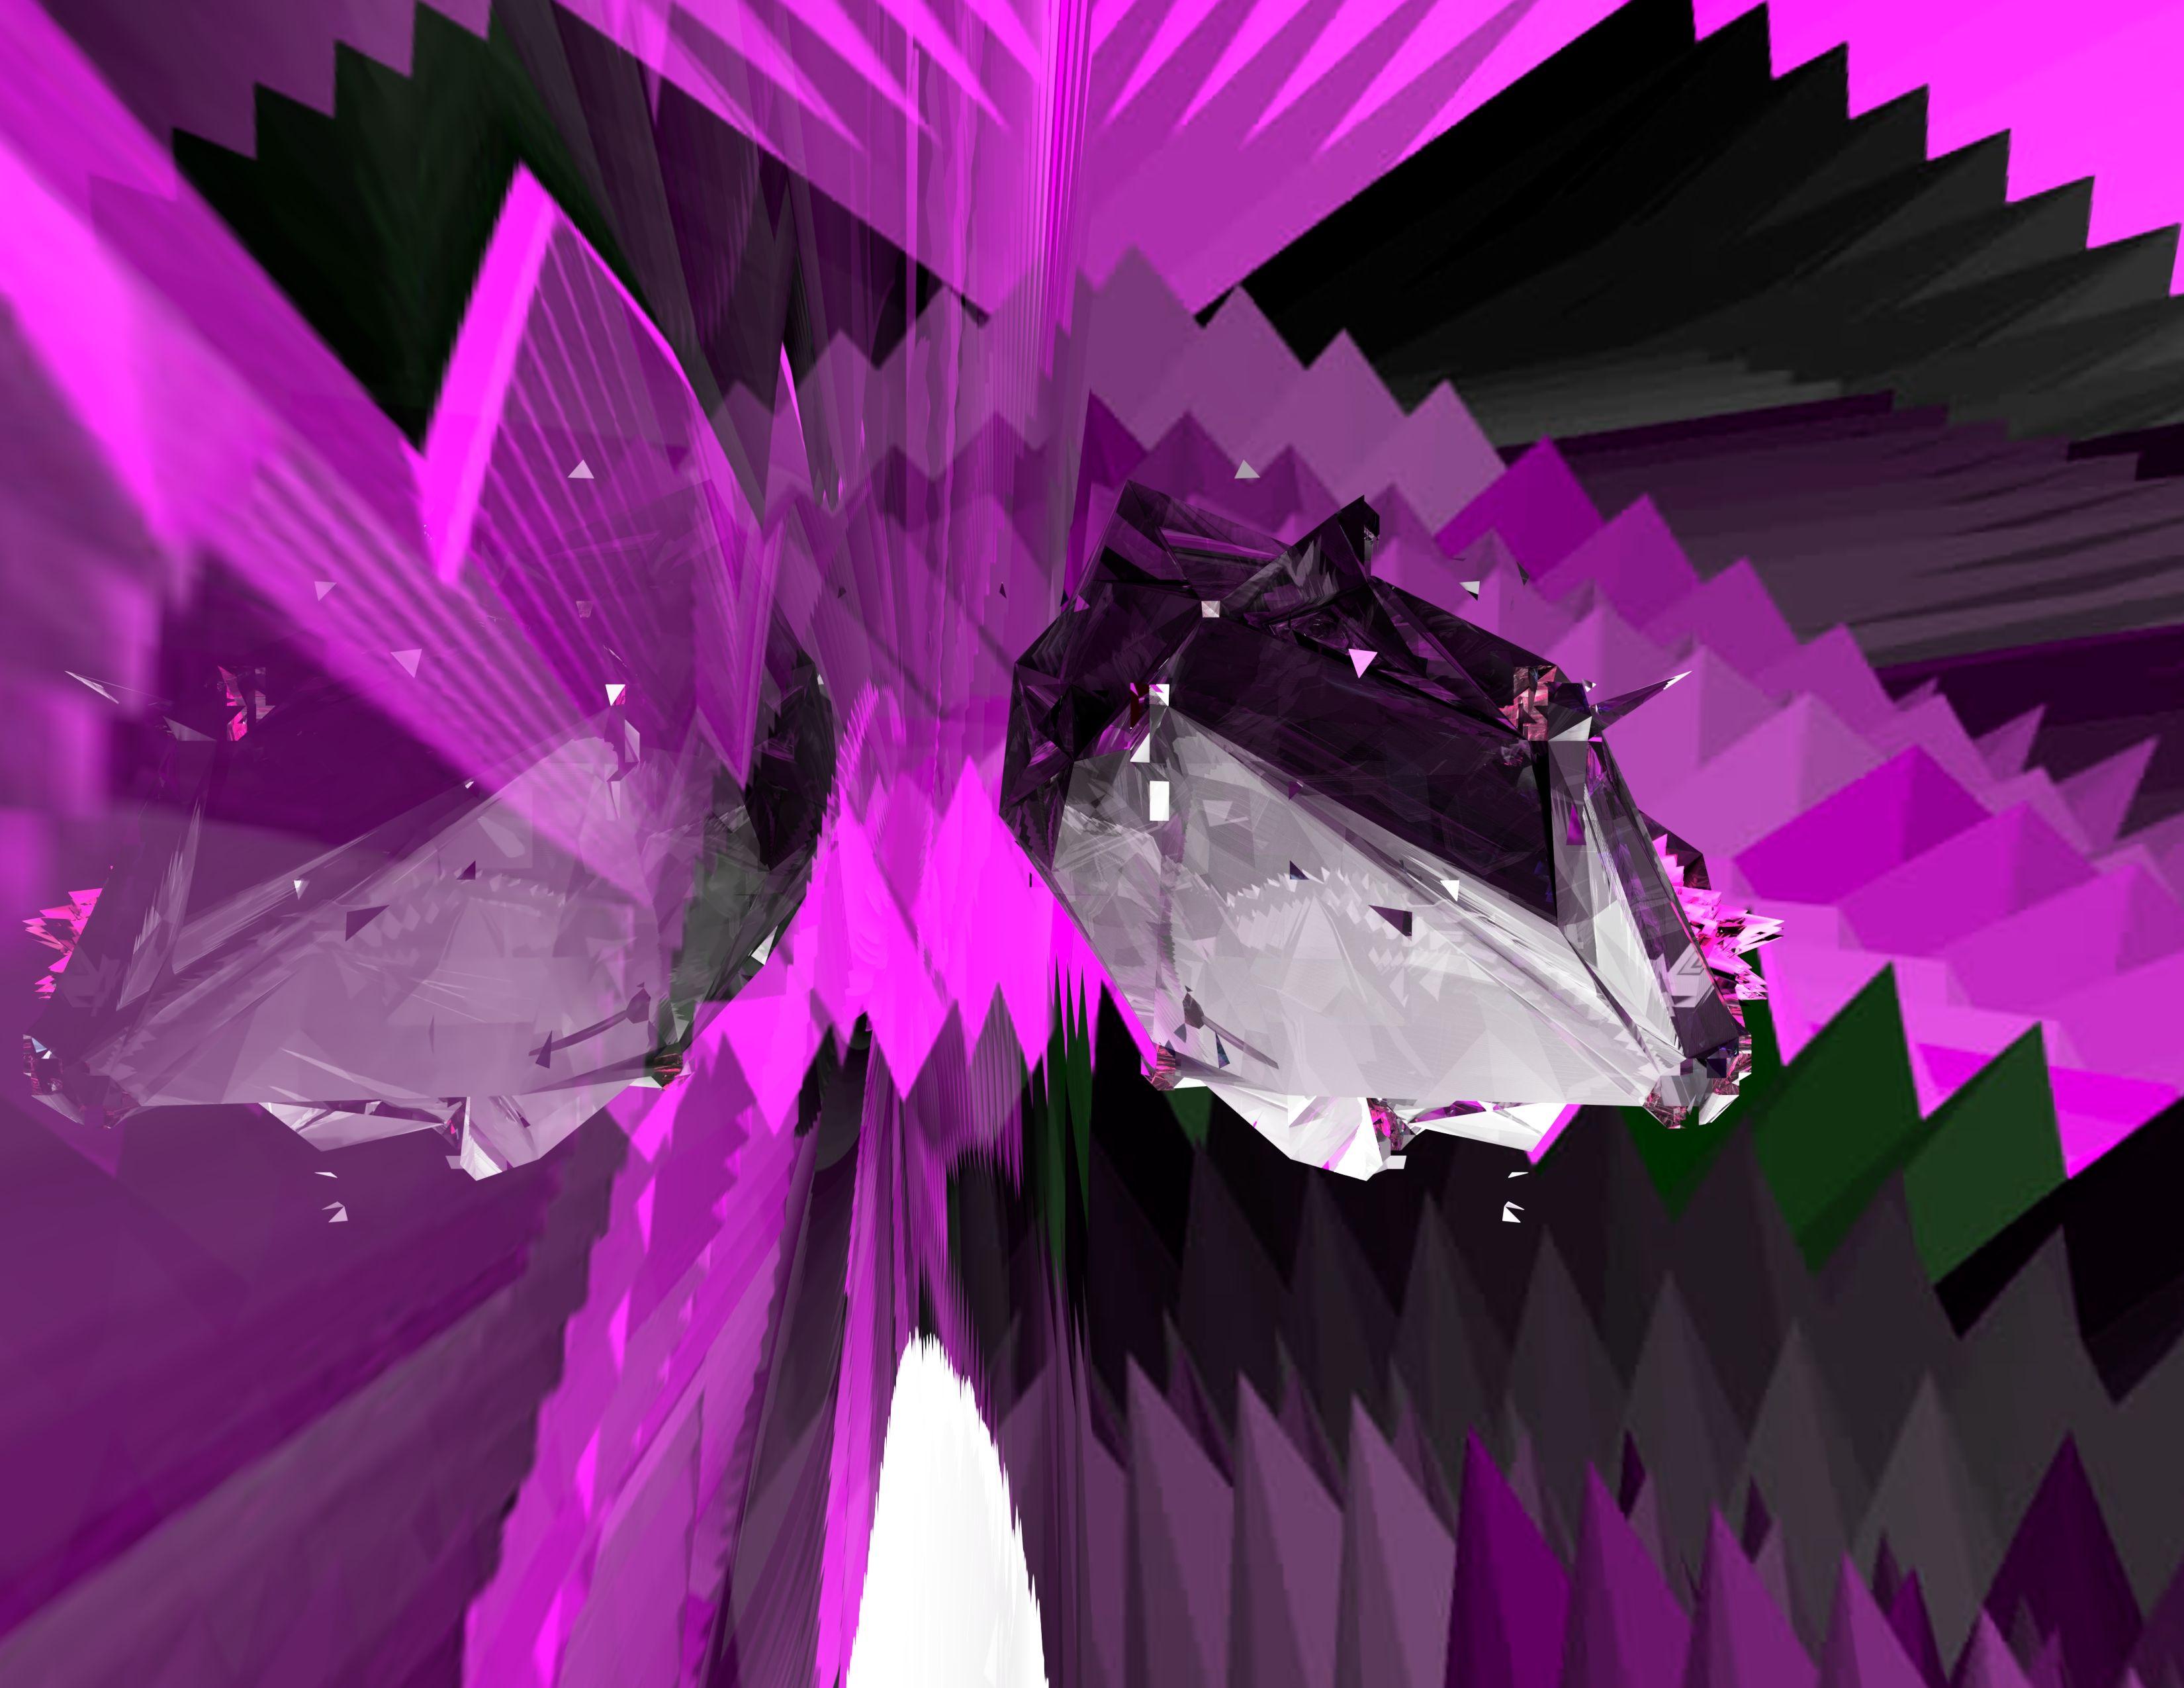 Raasrendering-f82480f4-b03f-43bb-b84f-40815e54b3d1-3500-3500